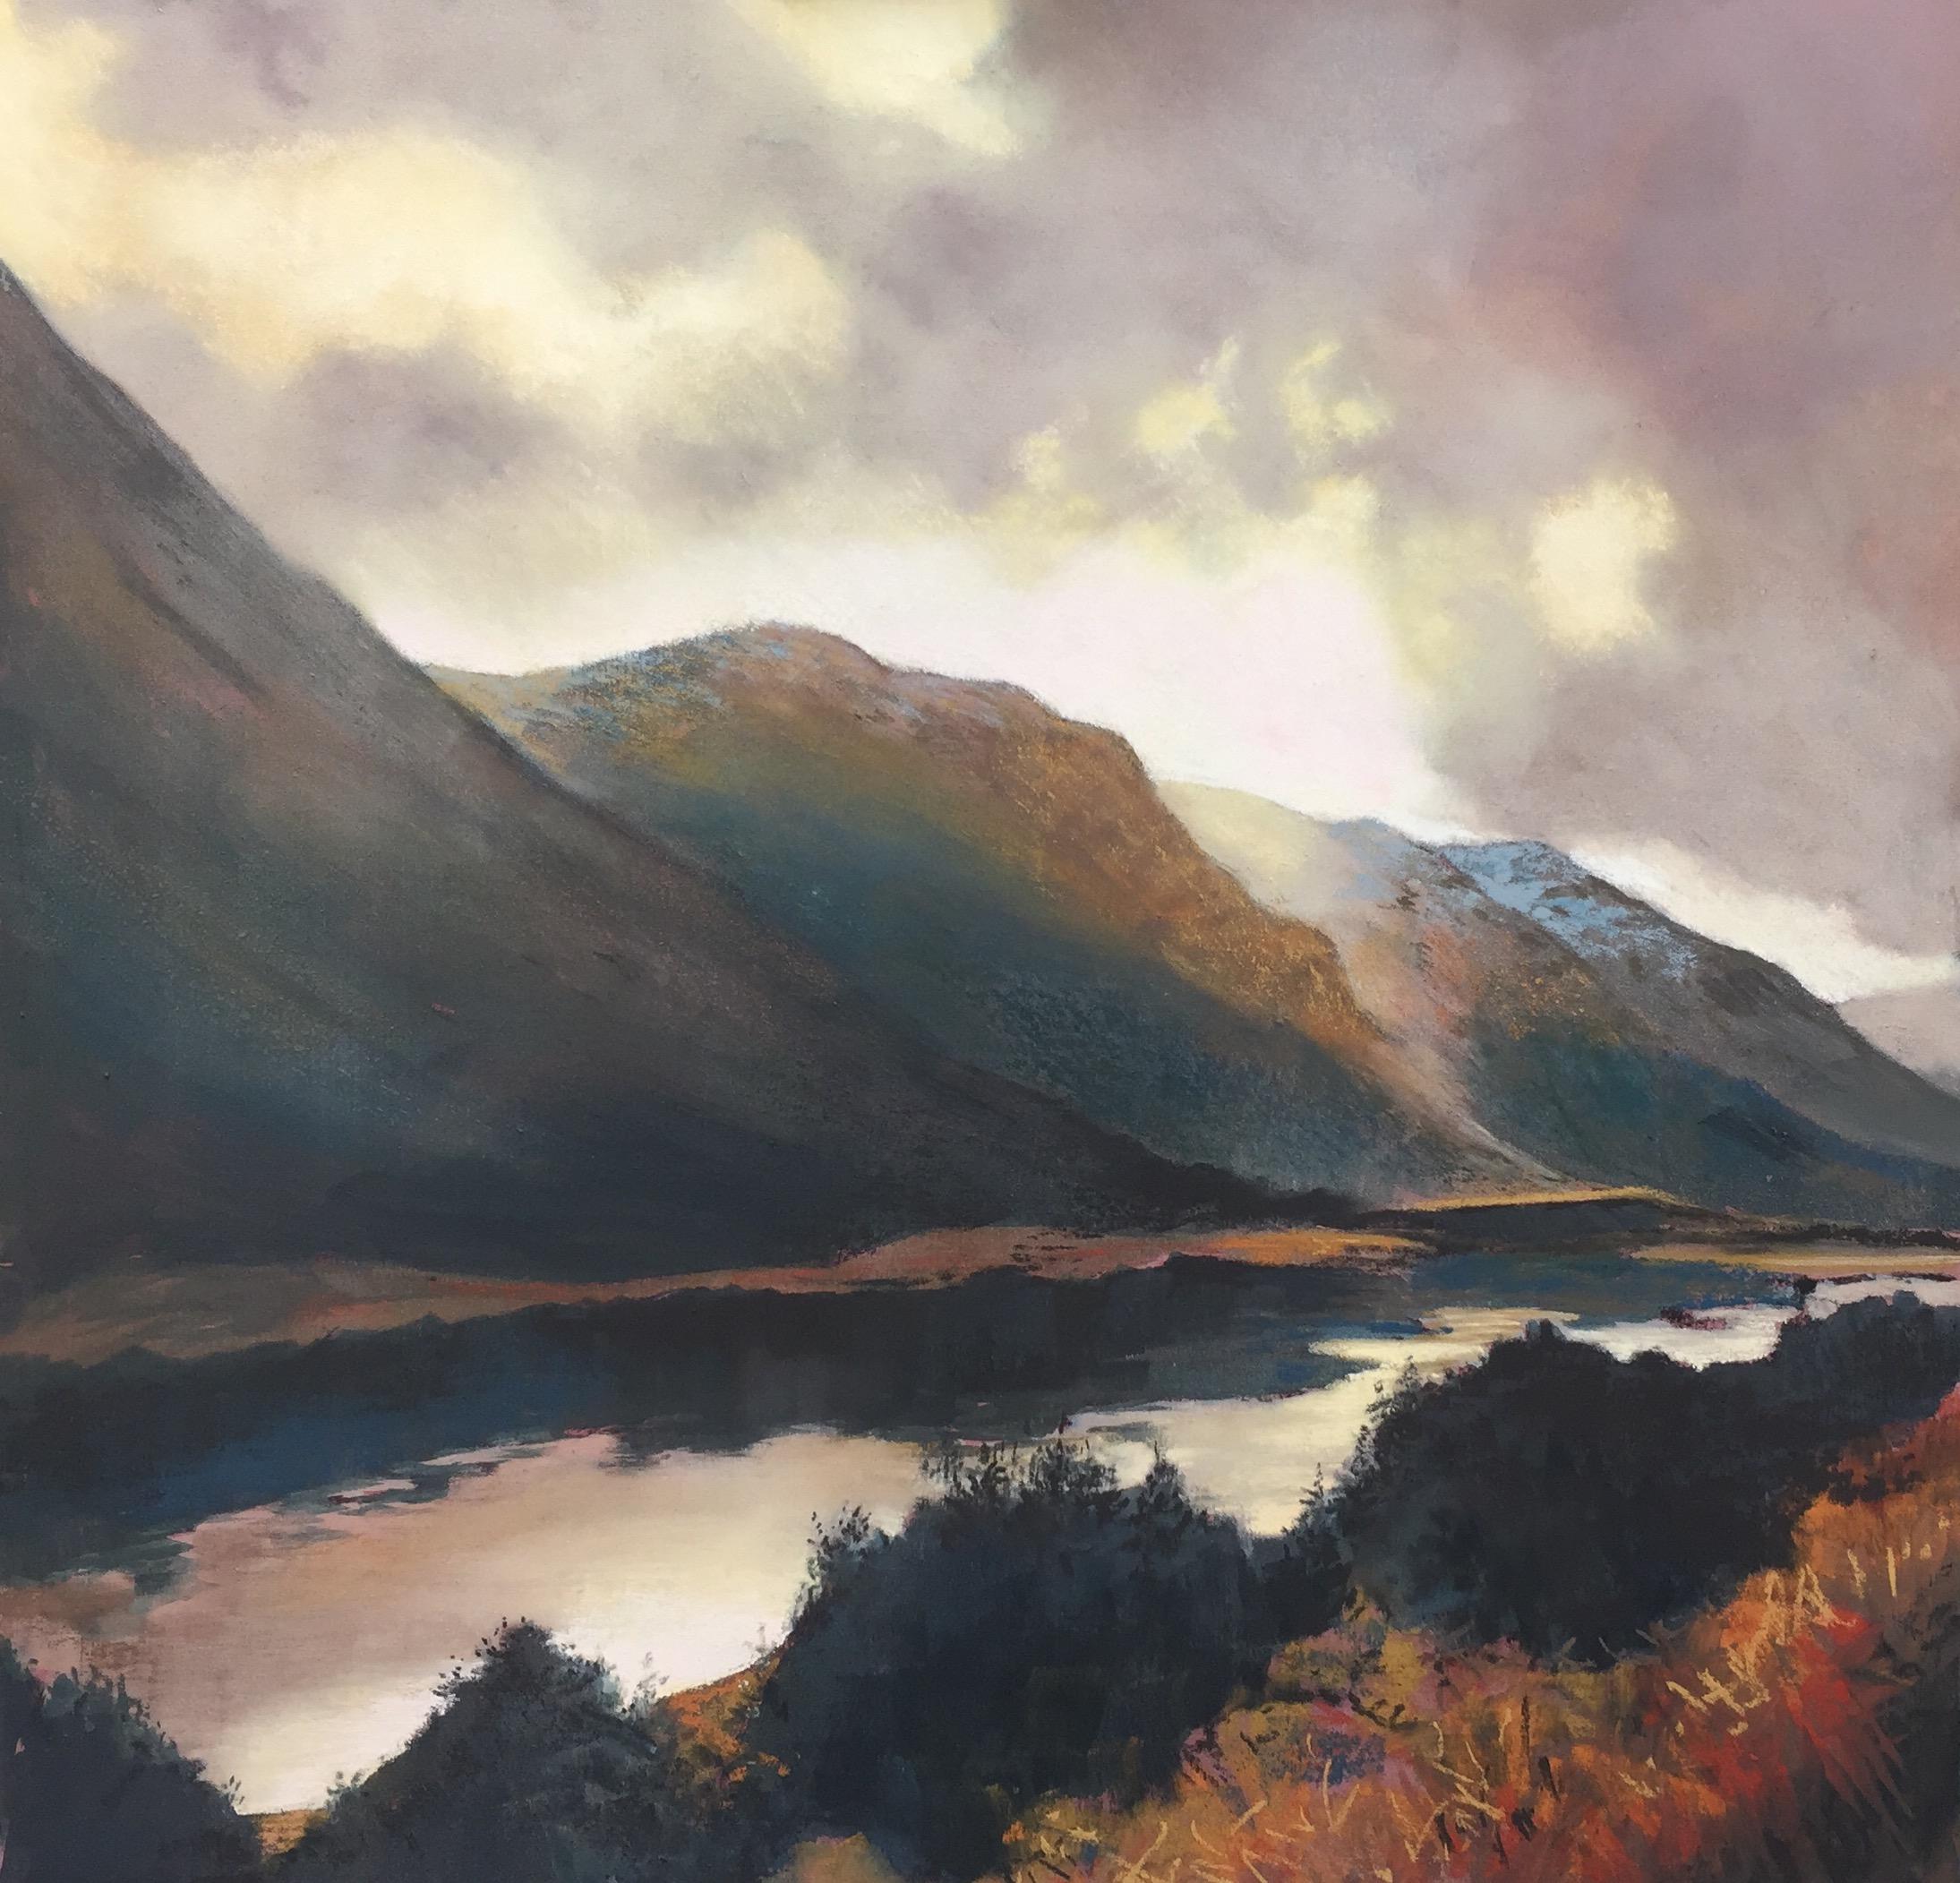 Margaret Evans_A Break in the Clouds, Loch Voil_Pastel & Gouache_24x24